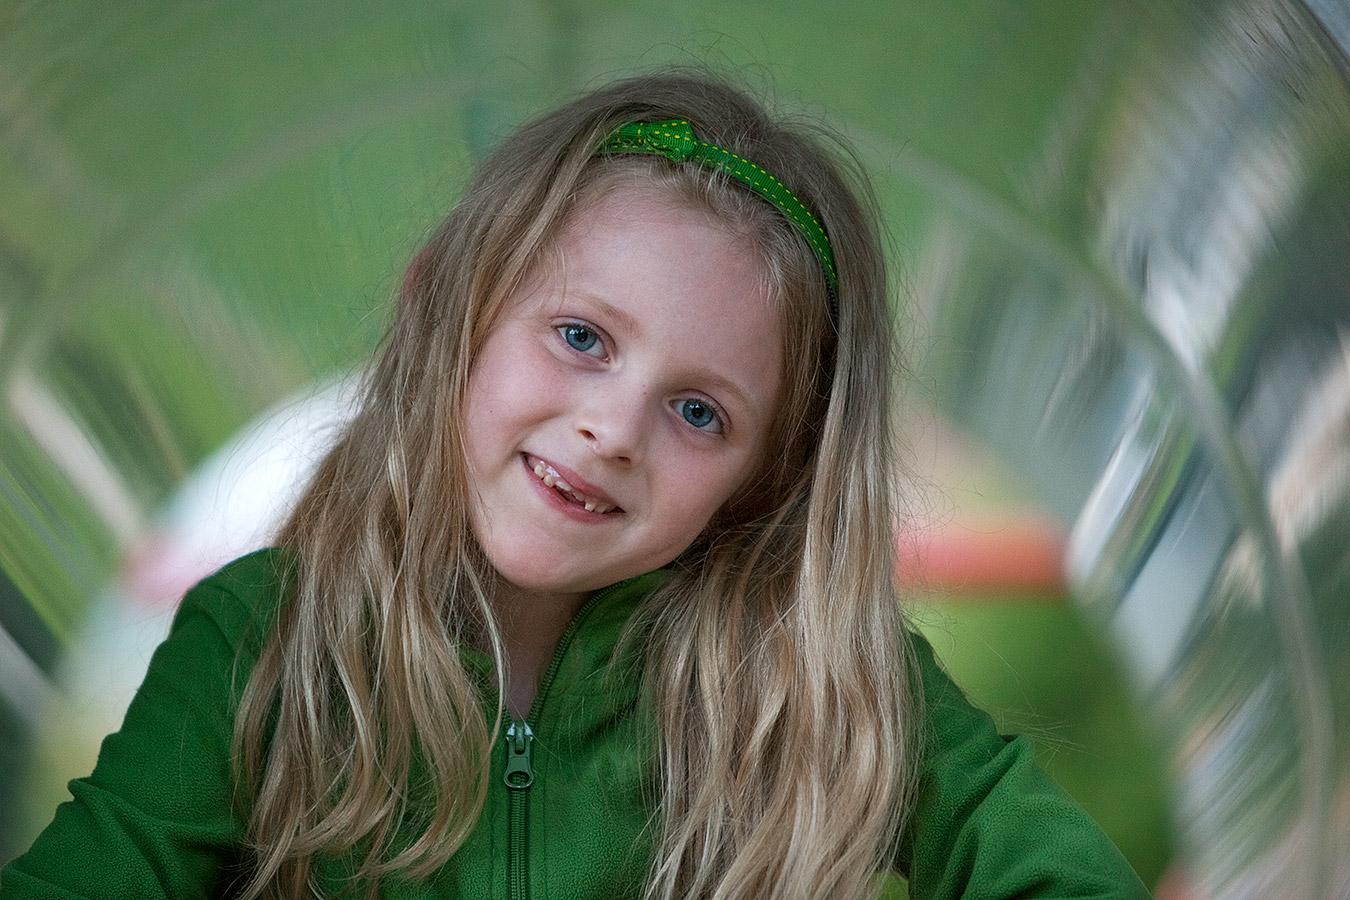 Bild eines Mädchens auf dem Spielplatz